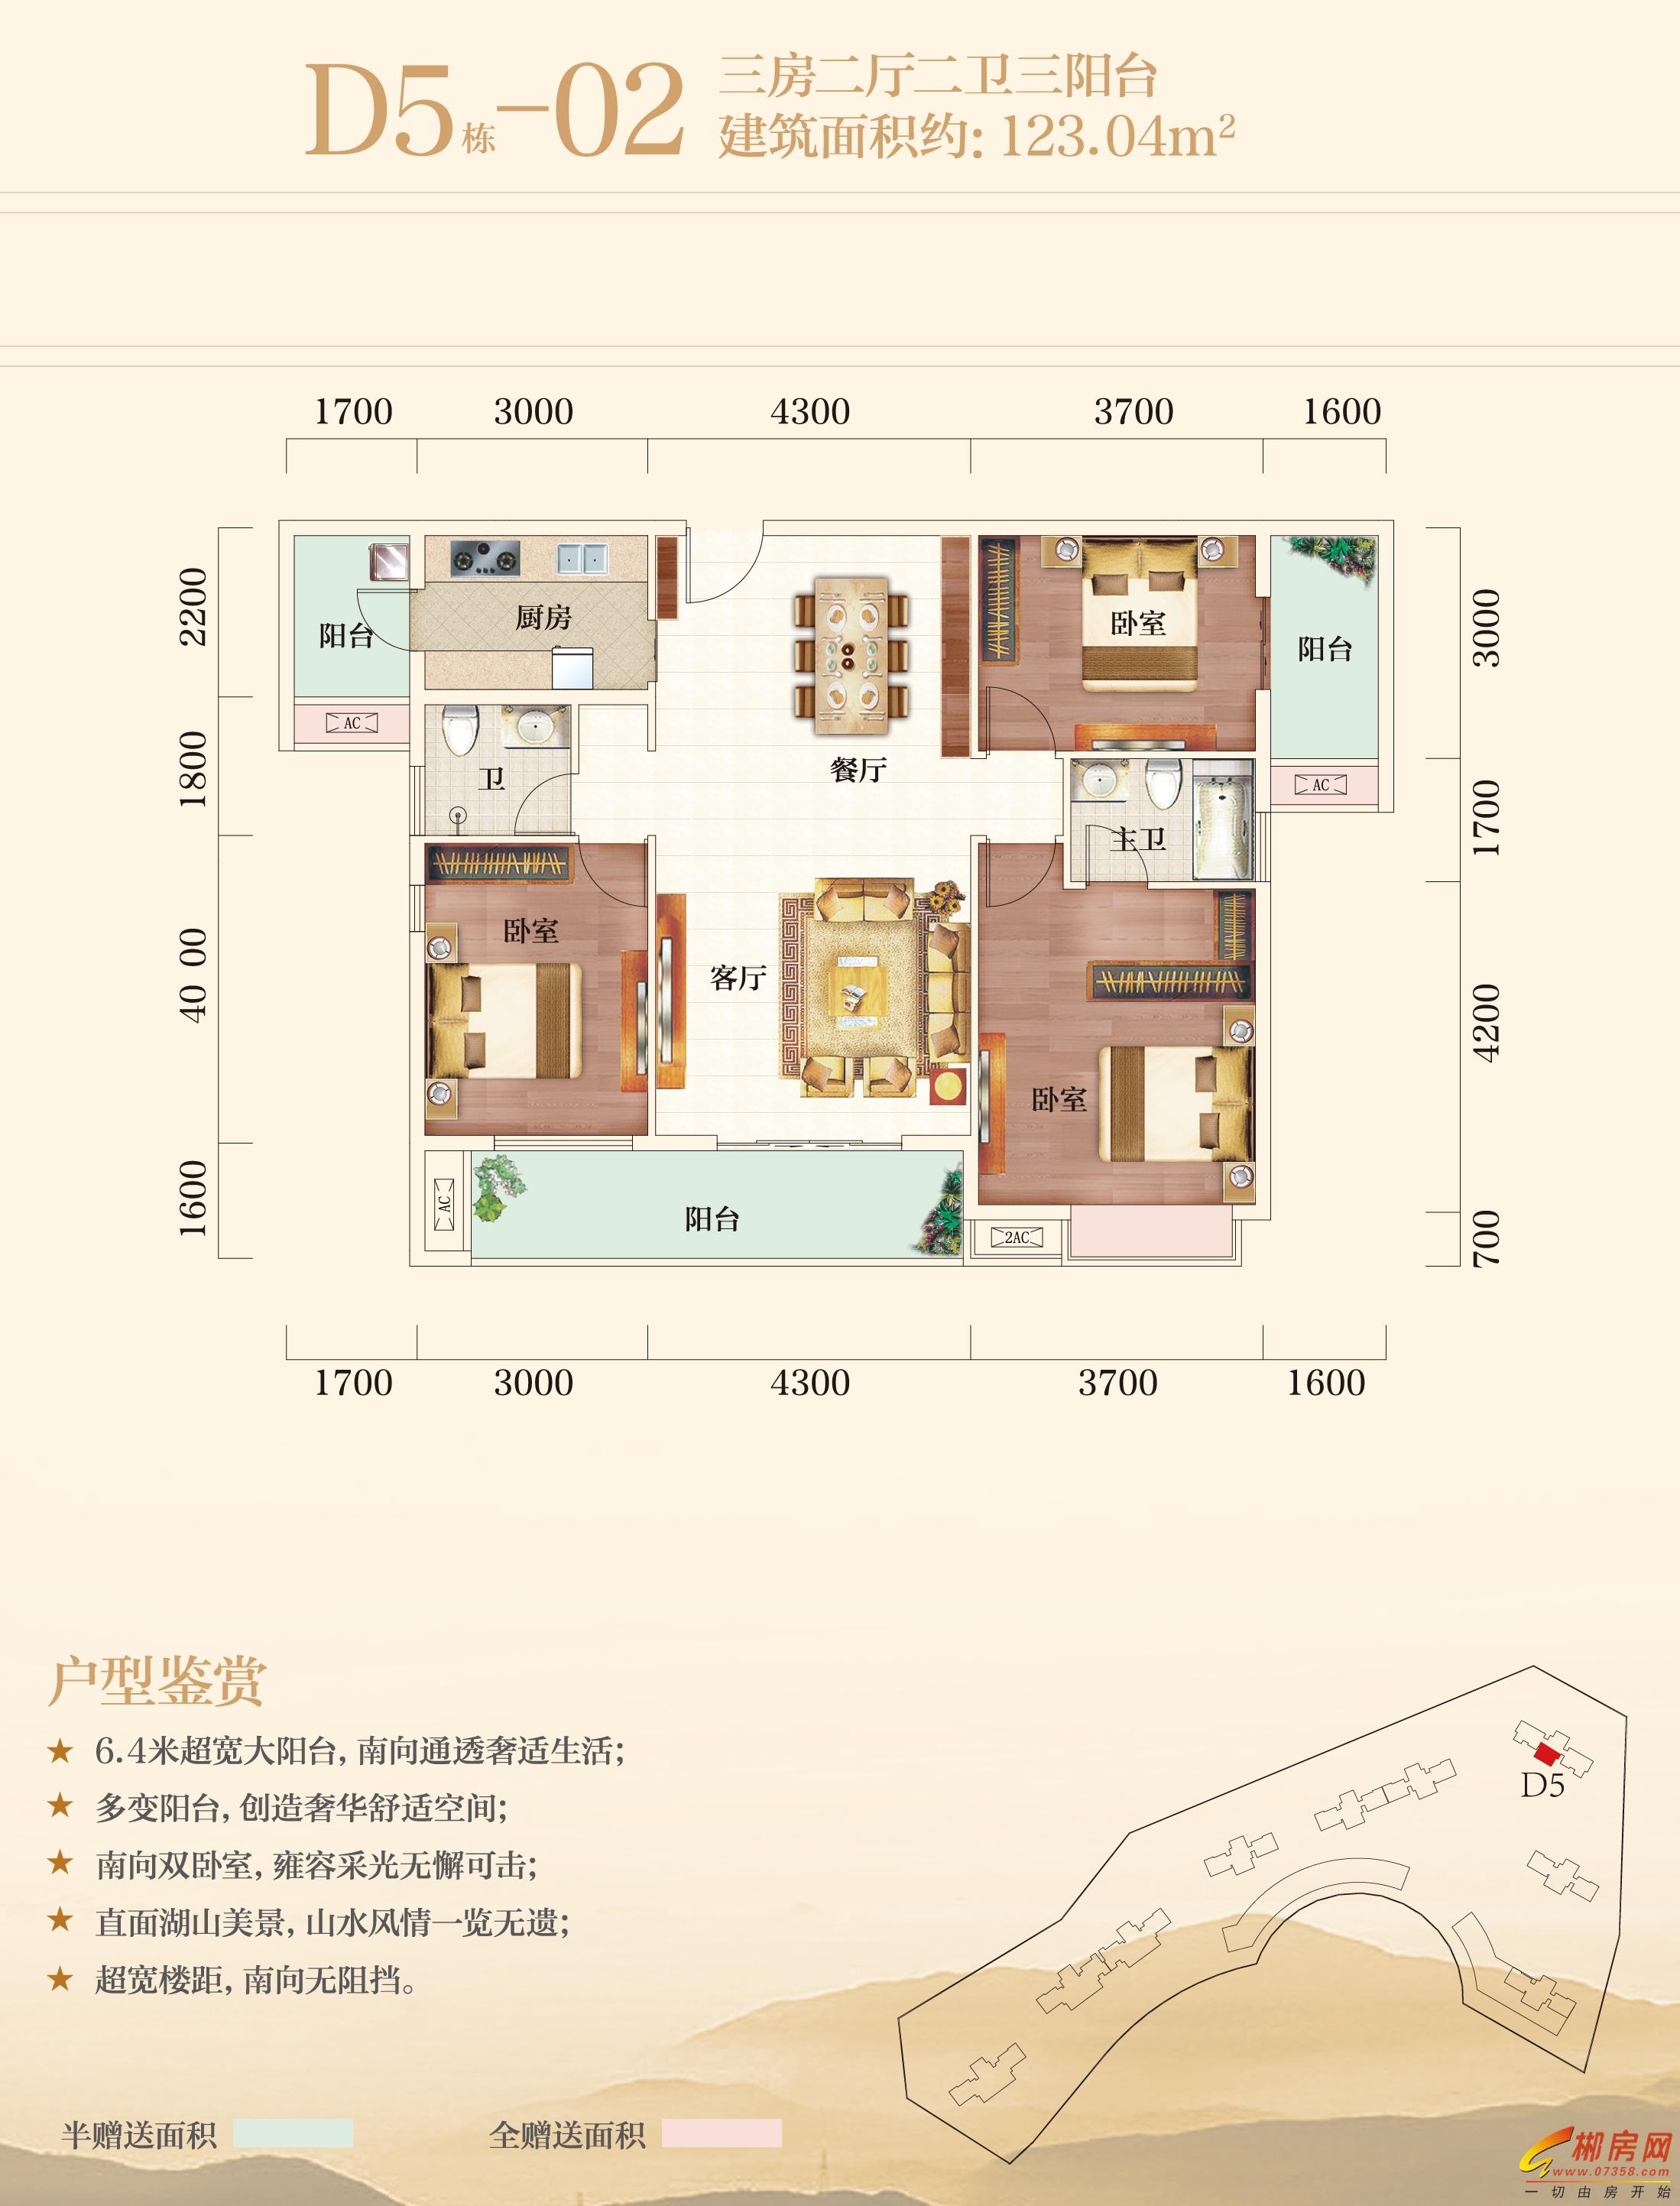 平海·九龙湾D5栋02户型